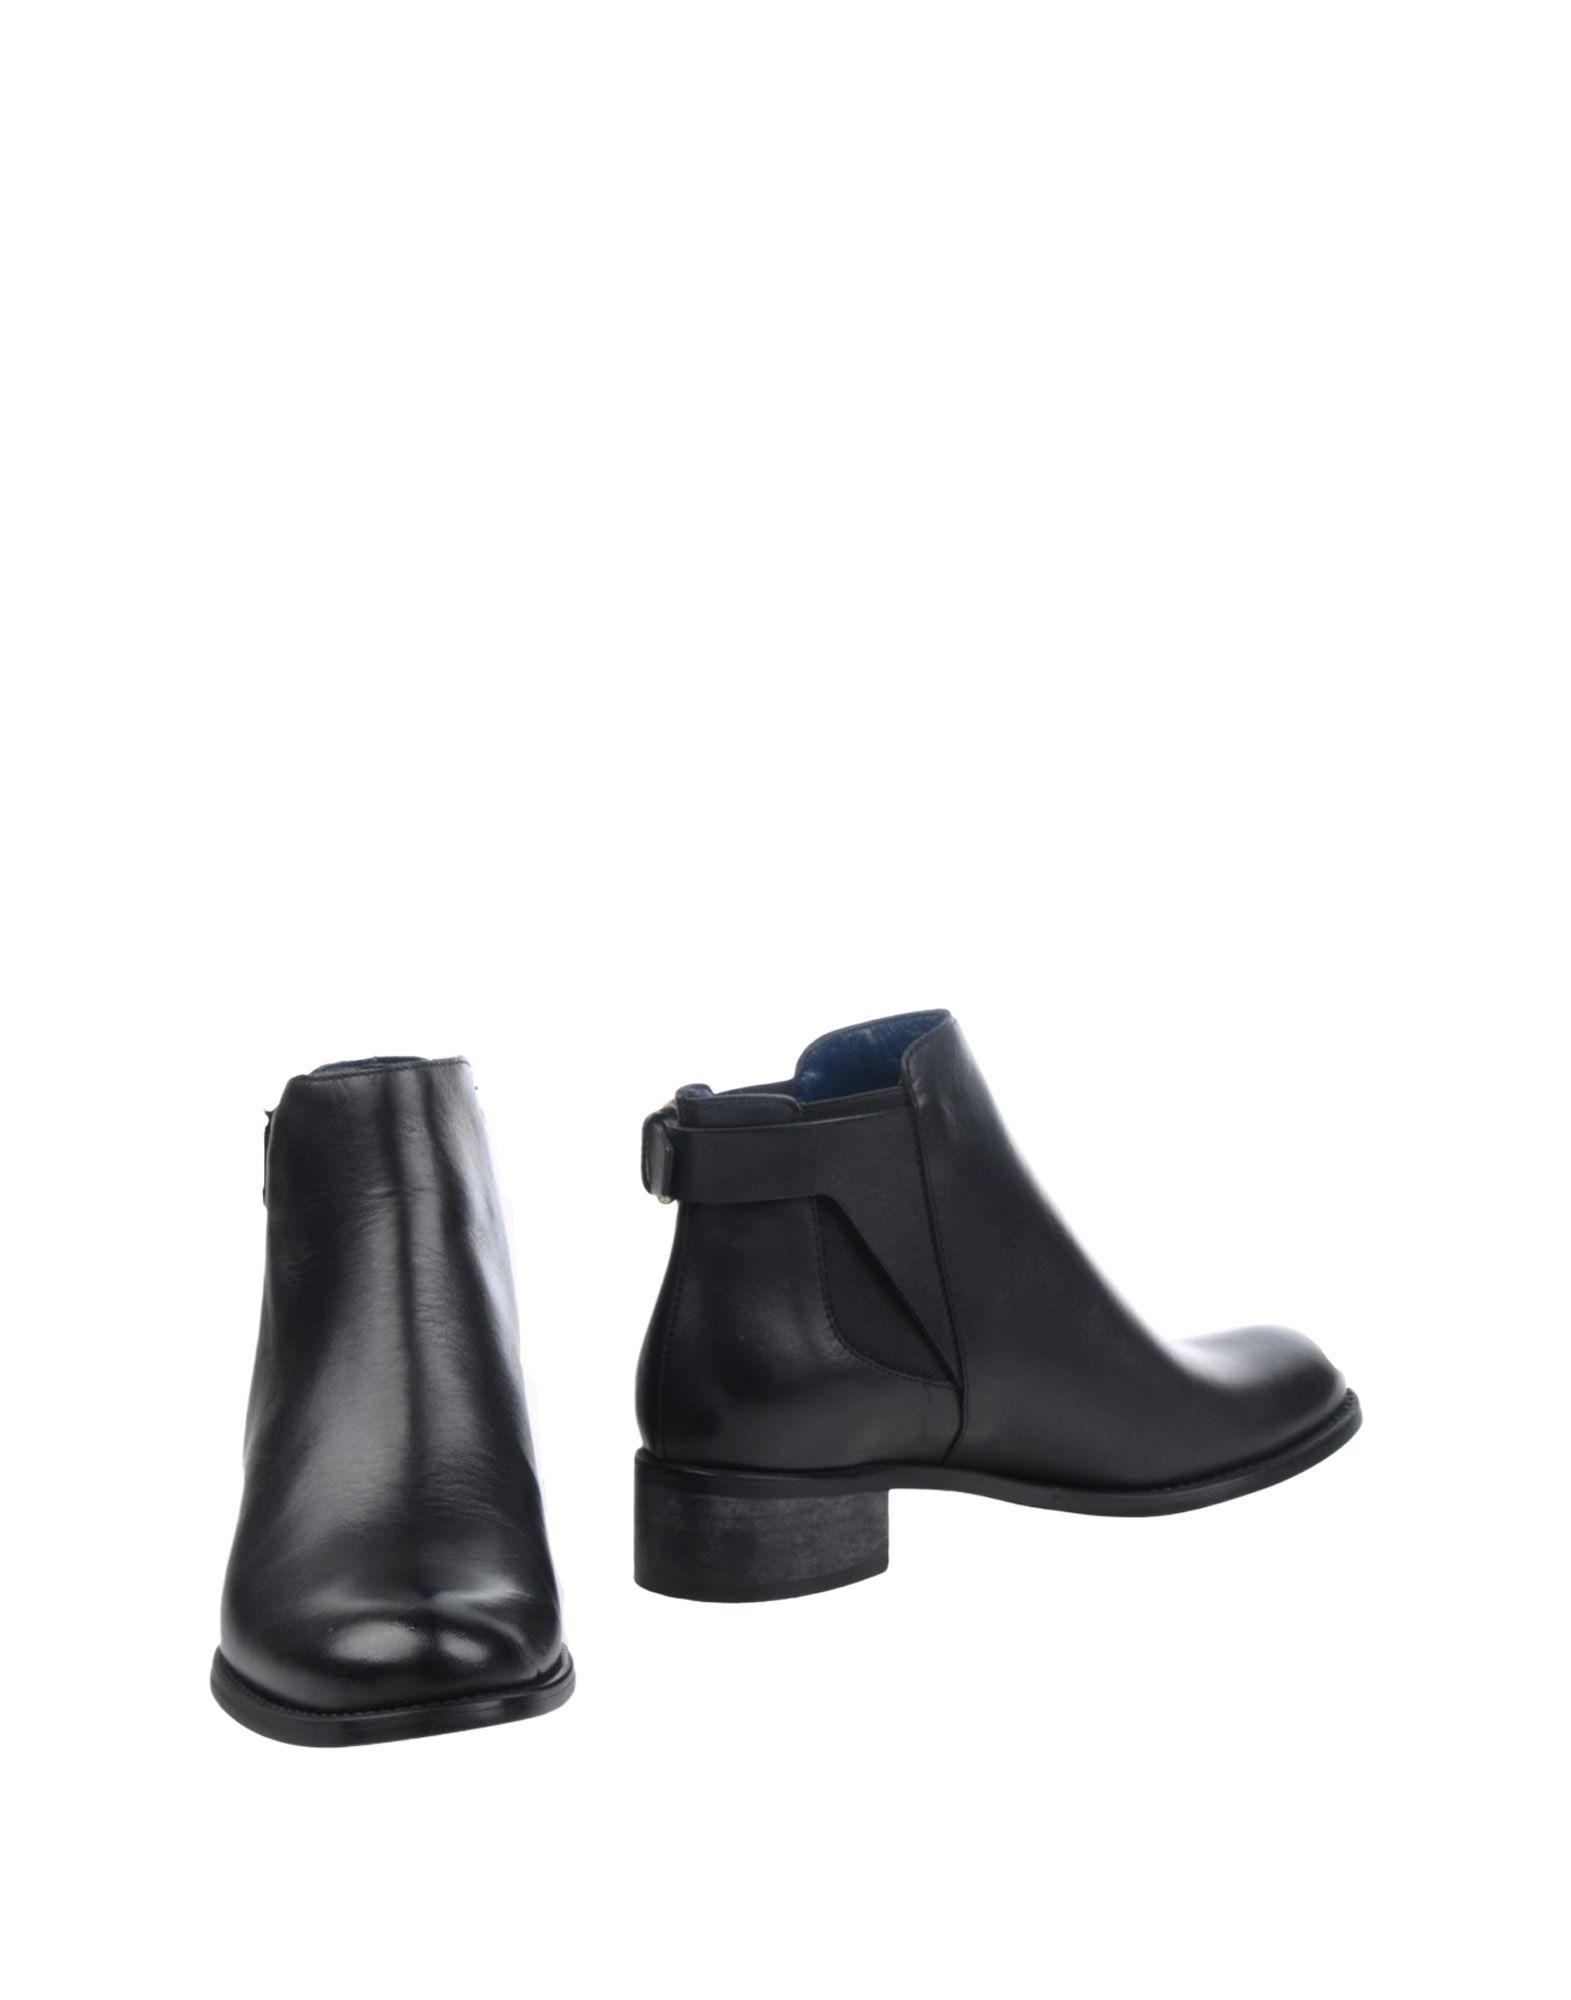 Pollini Stiefelette Damen gut  11275265SDGünstige gut Damen aussehende Schuhe 1392b1